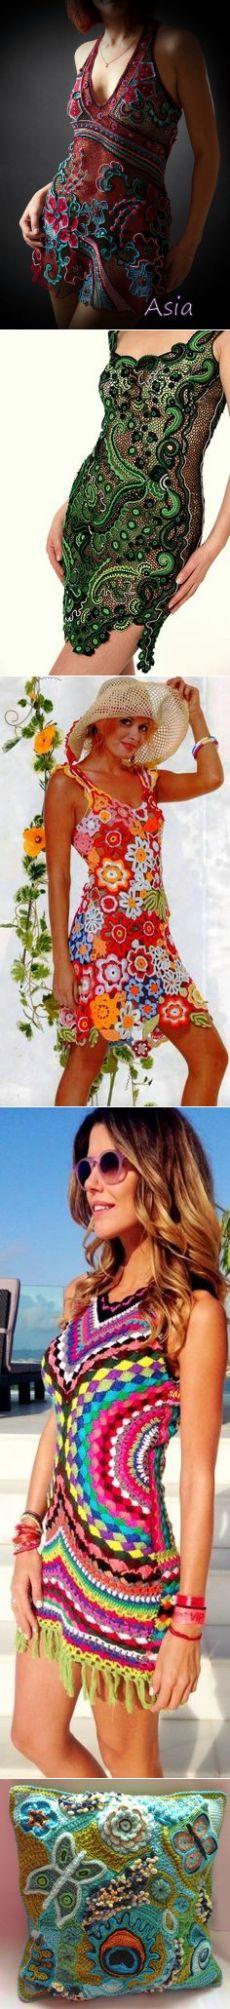 (68) Freeform dress by Asia. WOW | Irish lace | Вязание Крючком, Вязание Крючком В Произвольном Стиле и Ирландское Вязание